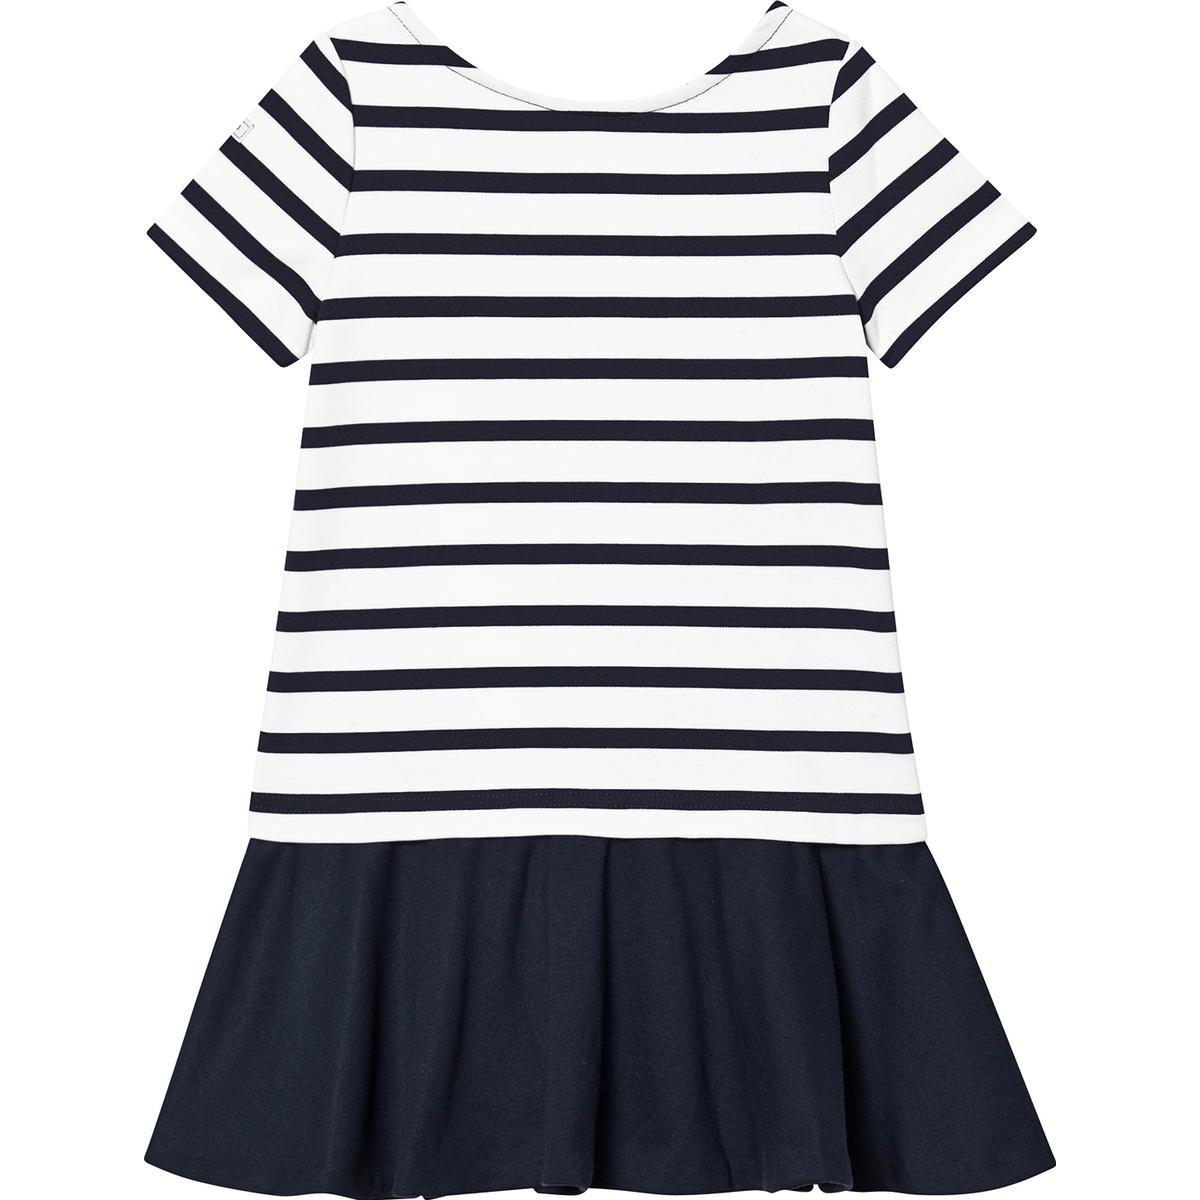 Ralph Lauren Børnetøj (1000+ produkter) hos PriceRunner • Se